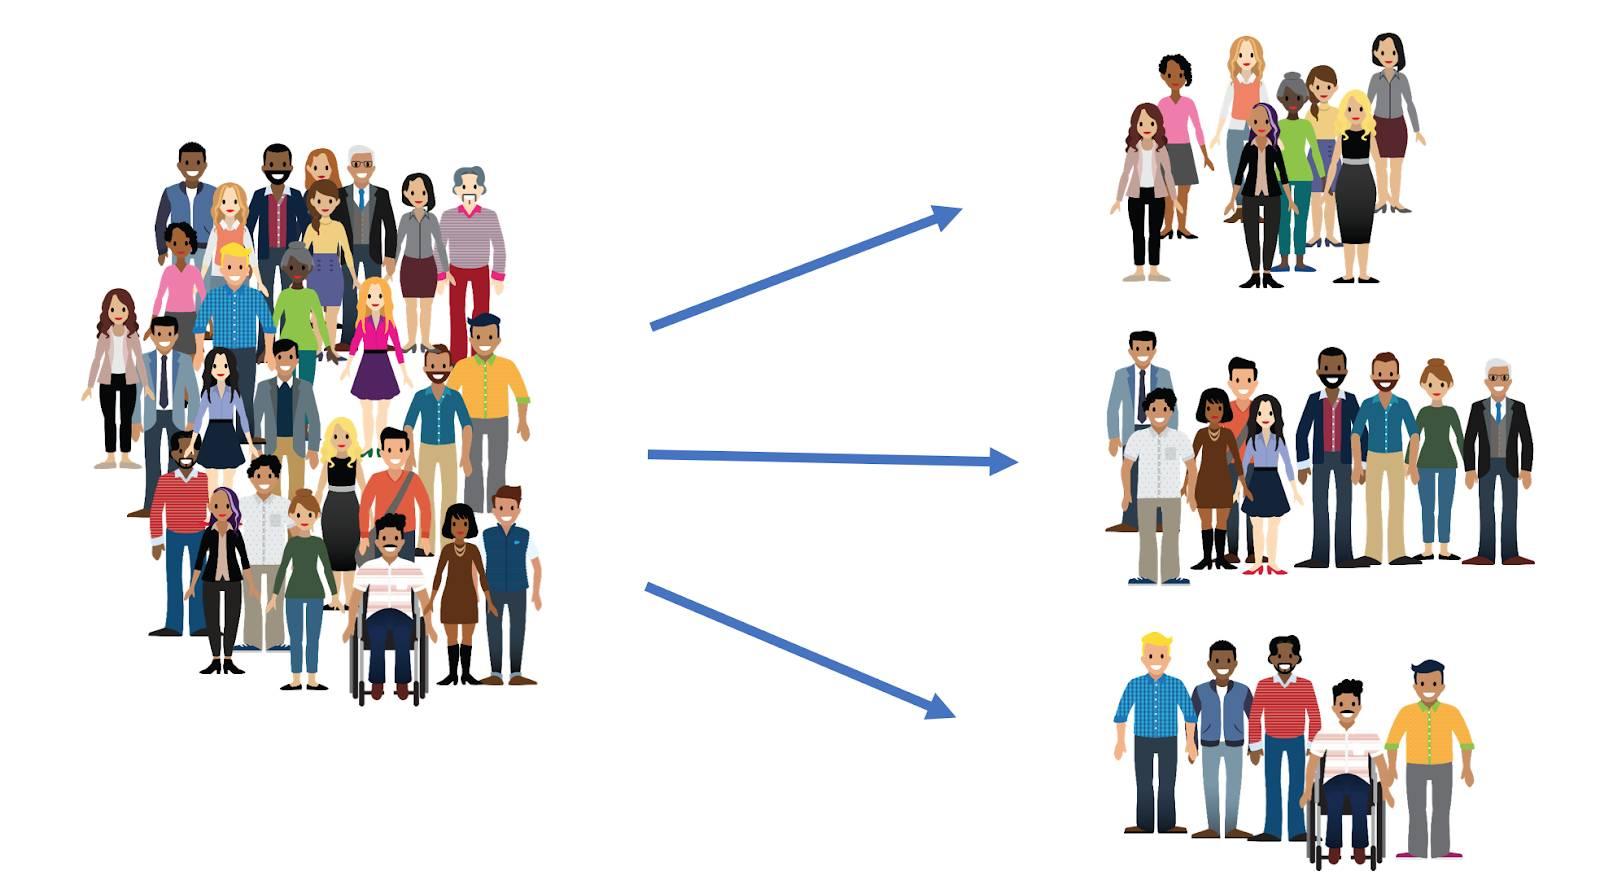 Um grande grupo de pessoas divididas em três grupos menores, ou seja, em segmentos.